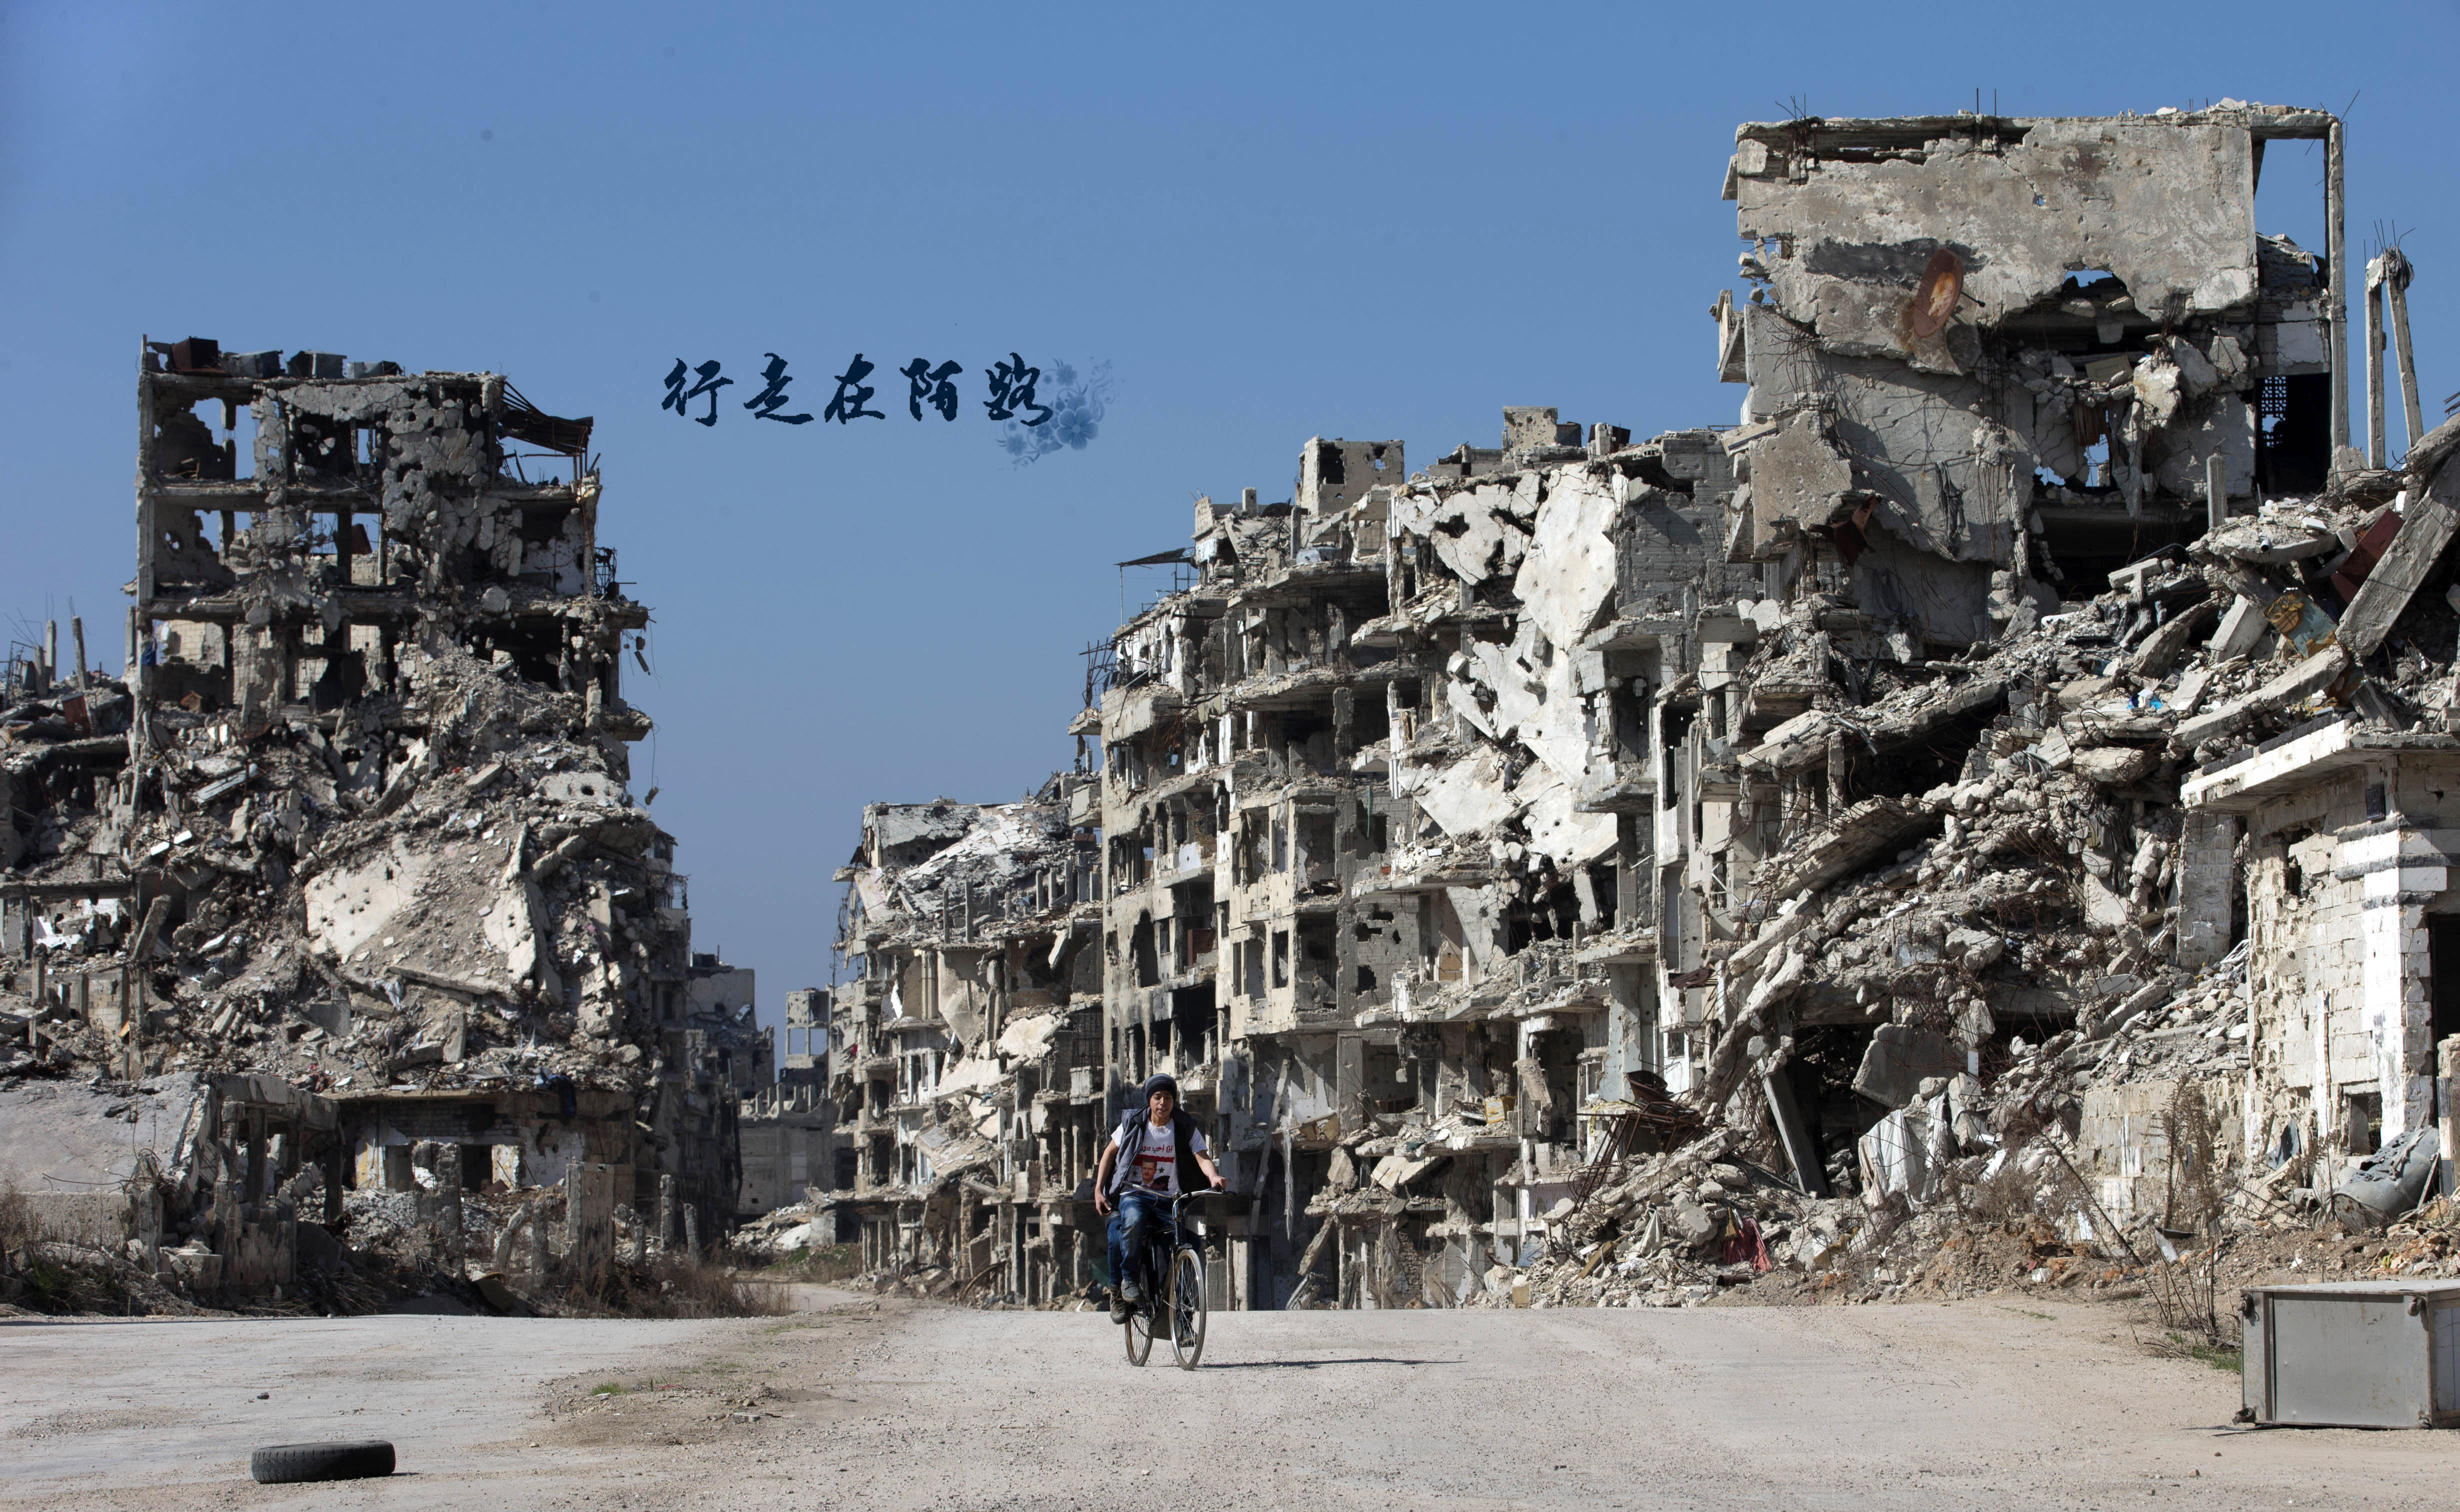 联合国拒绝承认此国:独立十年113国承认,中俄不认干瞪眼